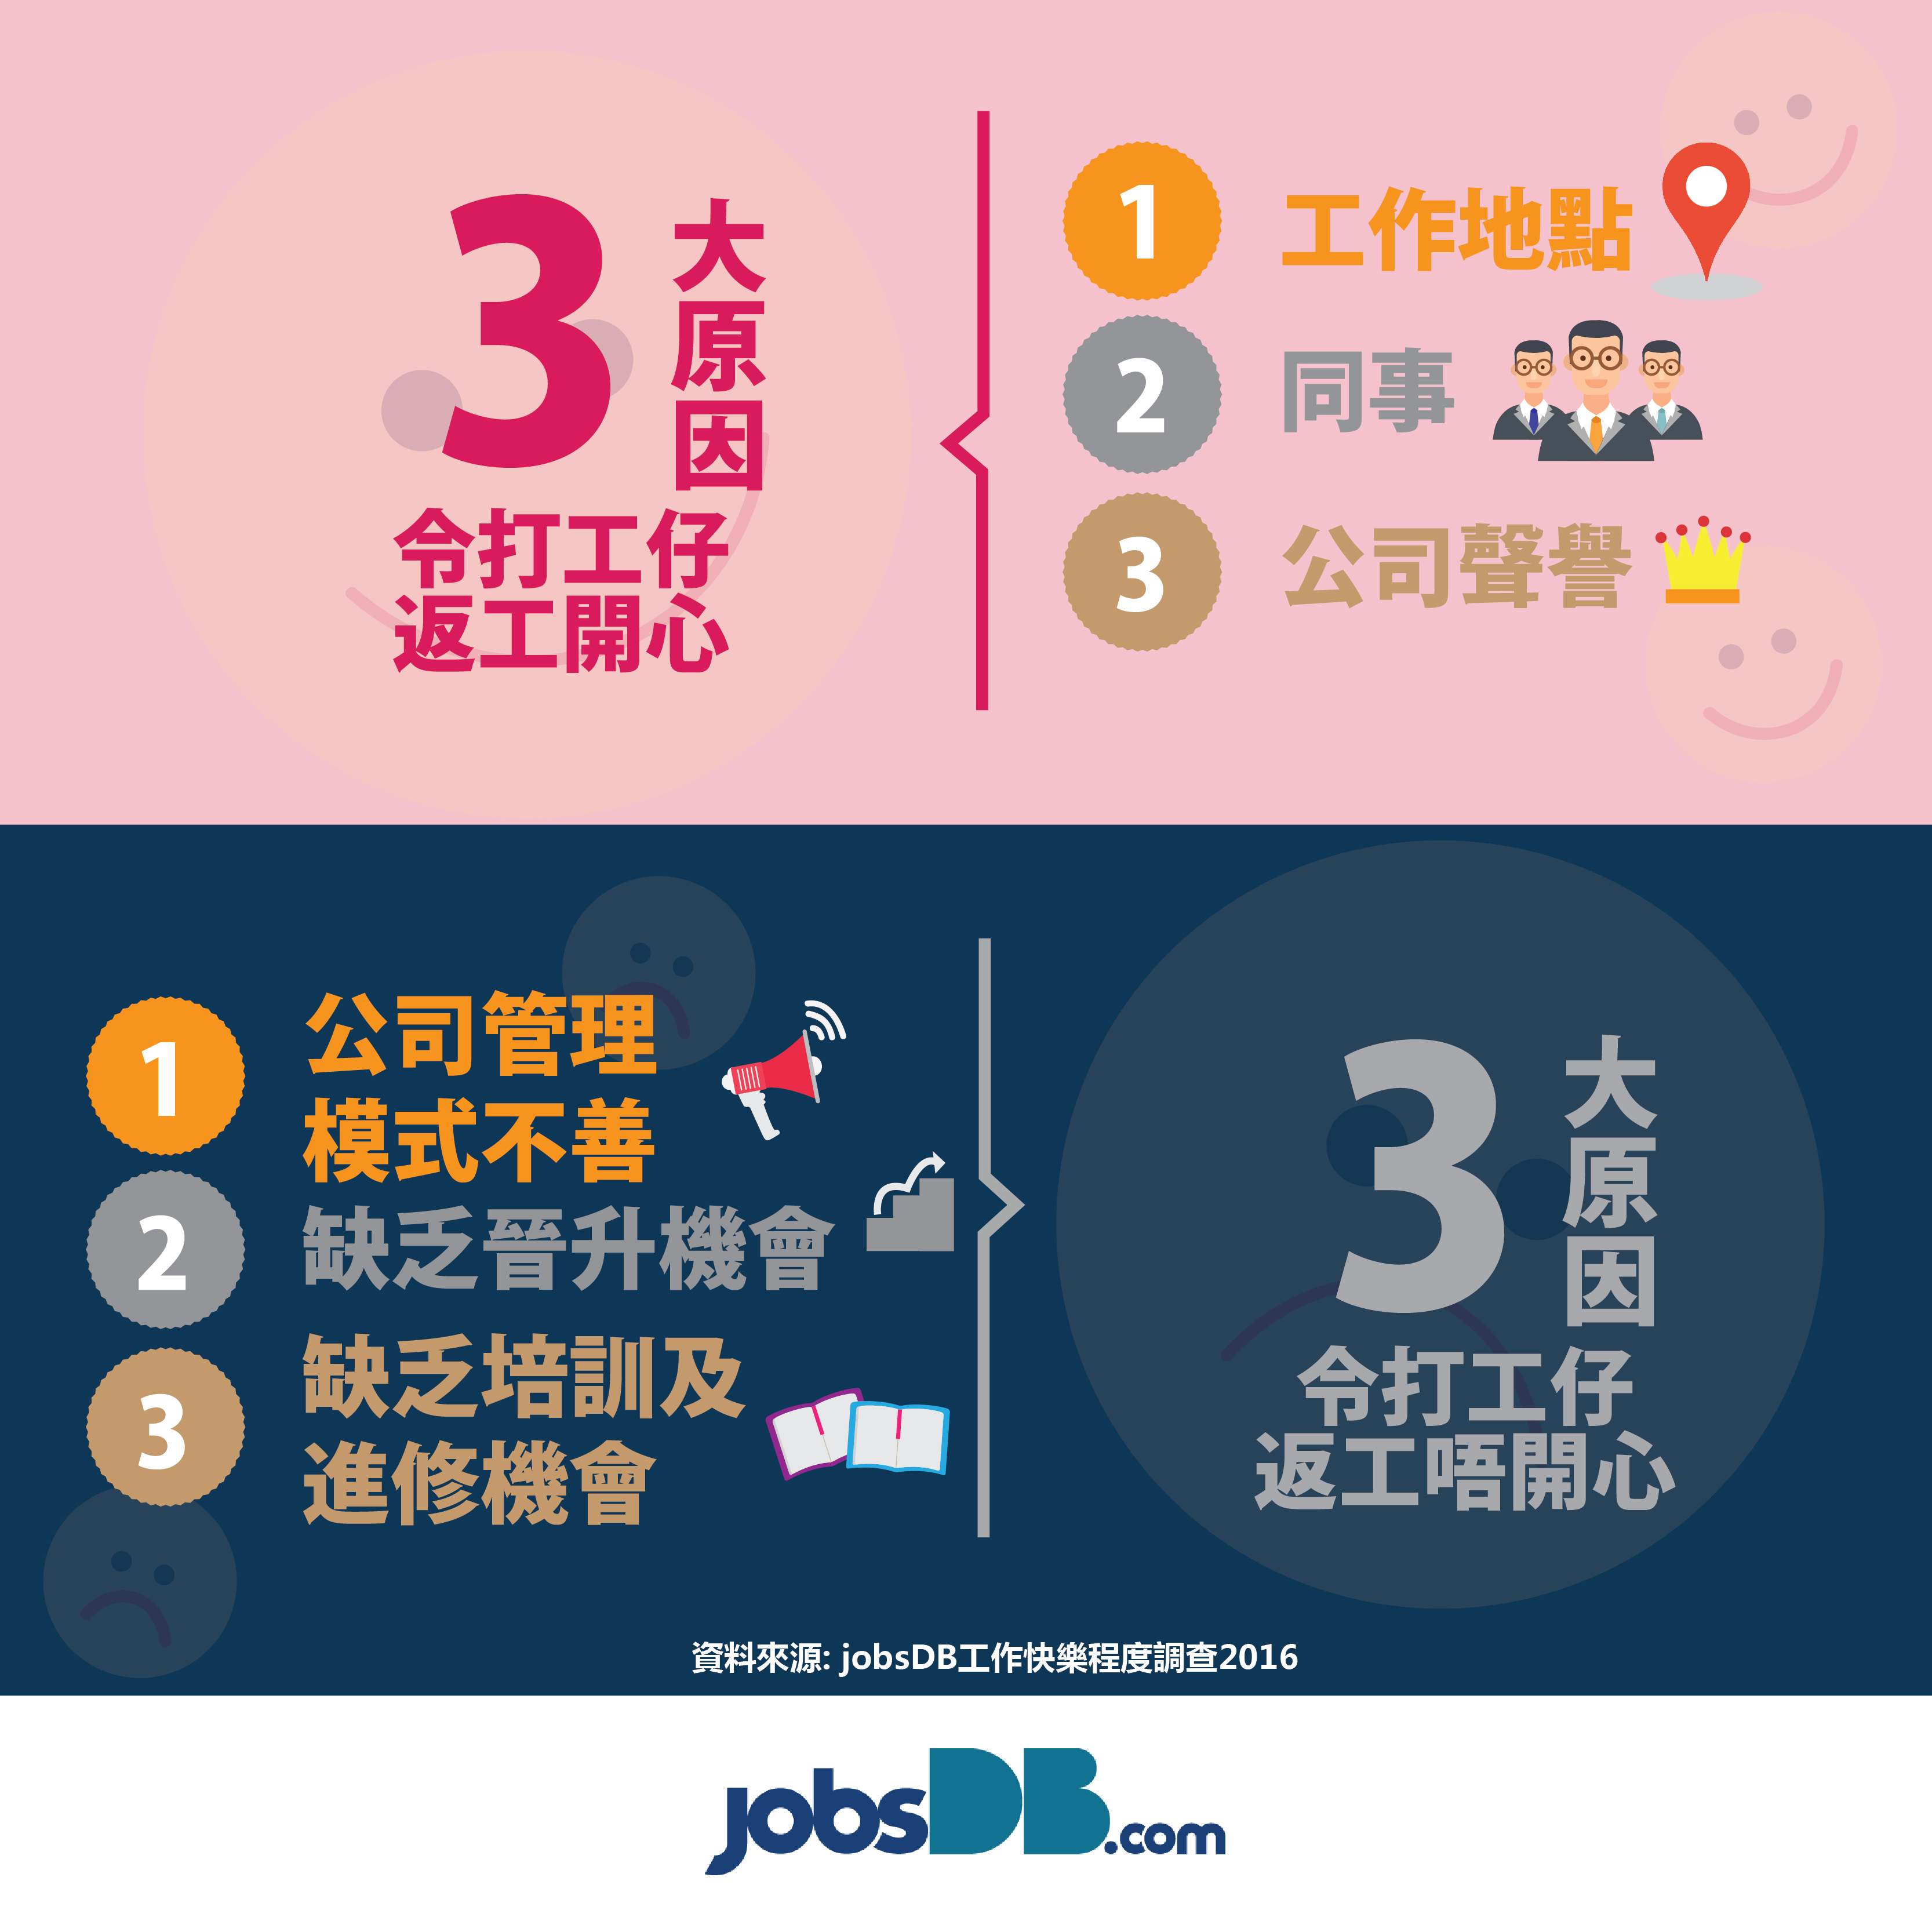 jobsDB工作快樂程度調查